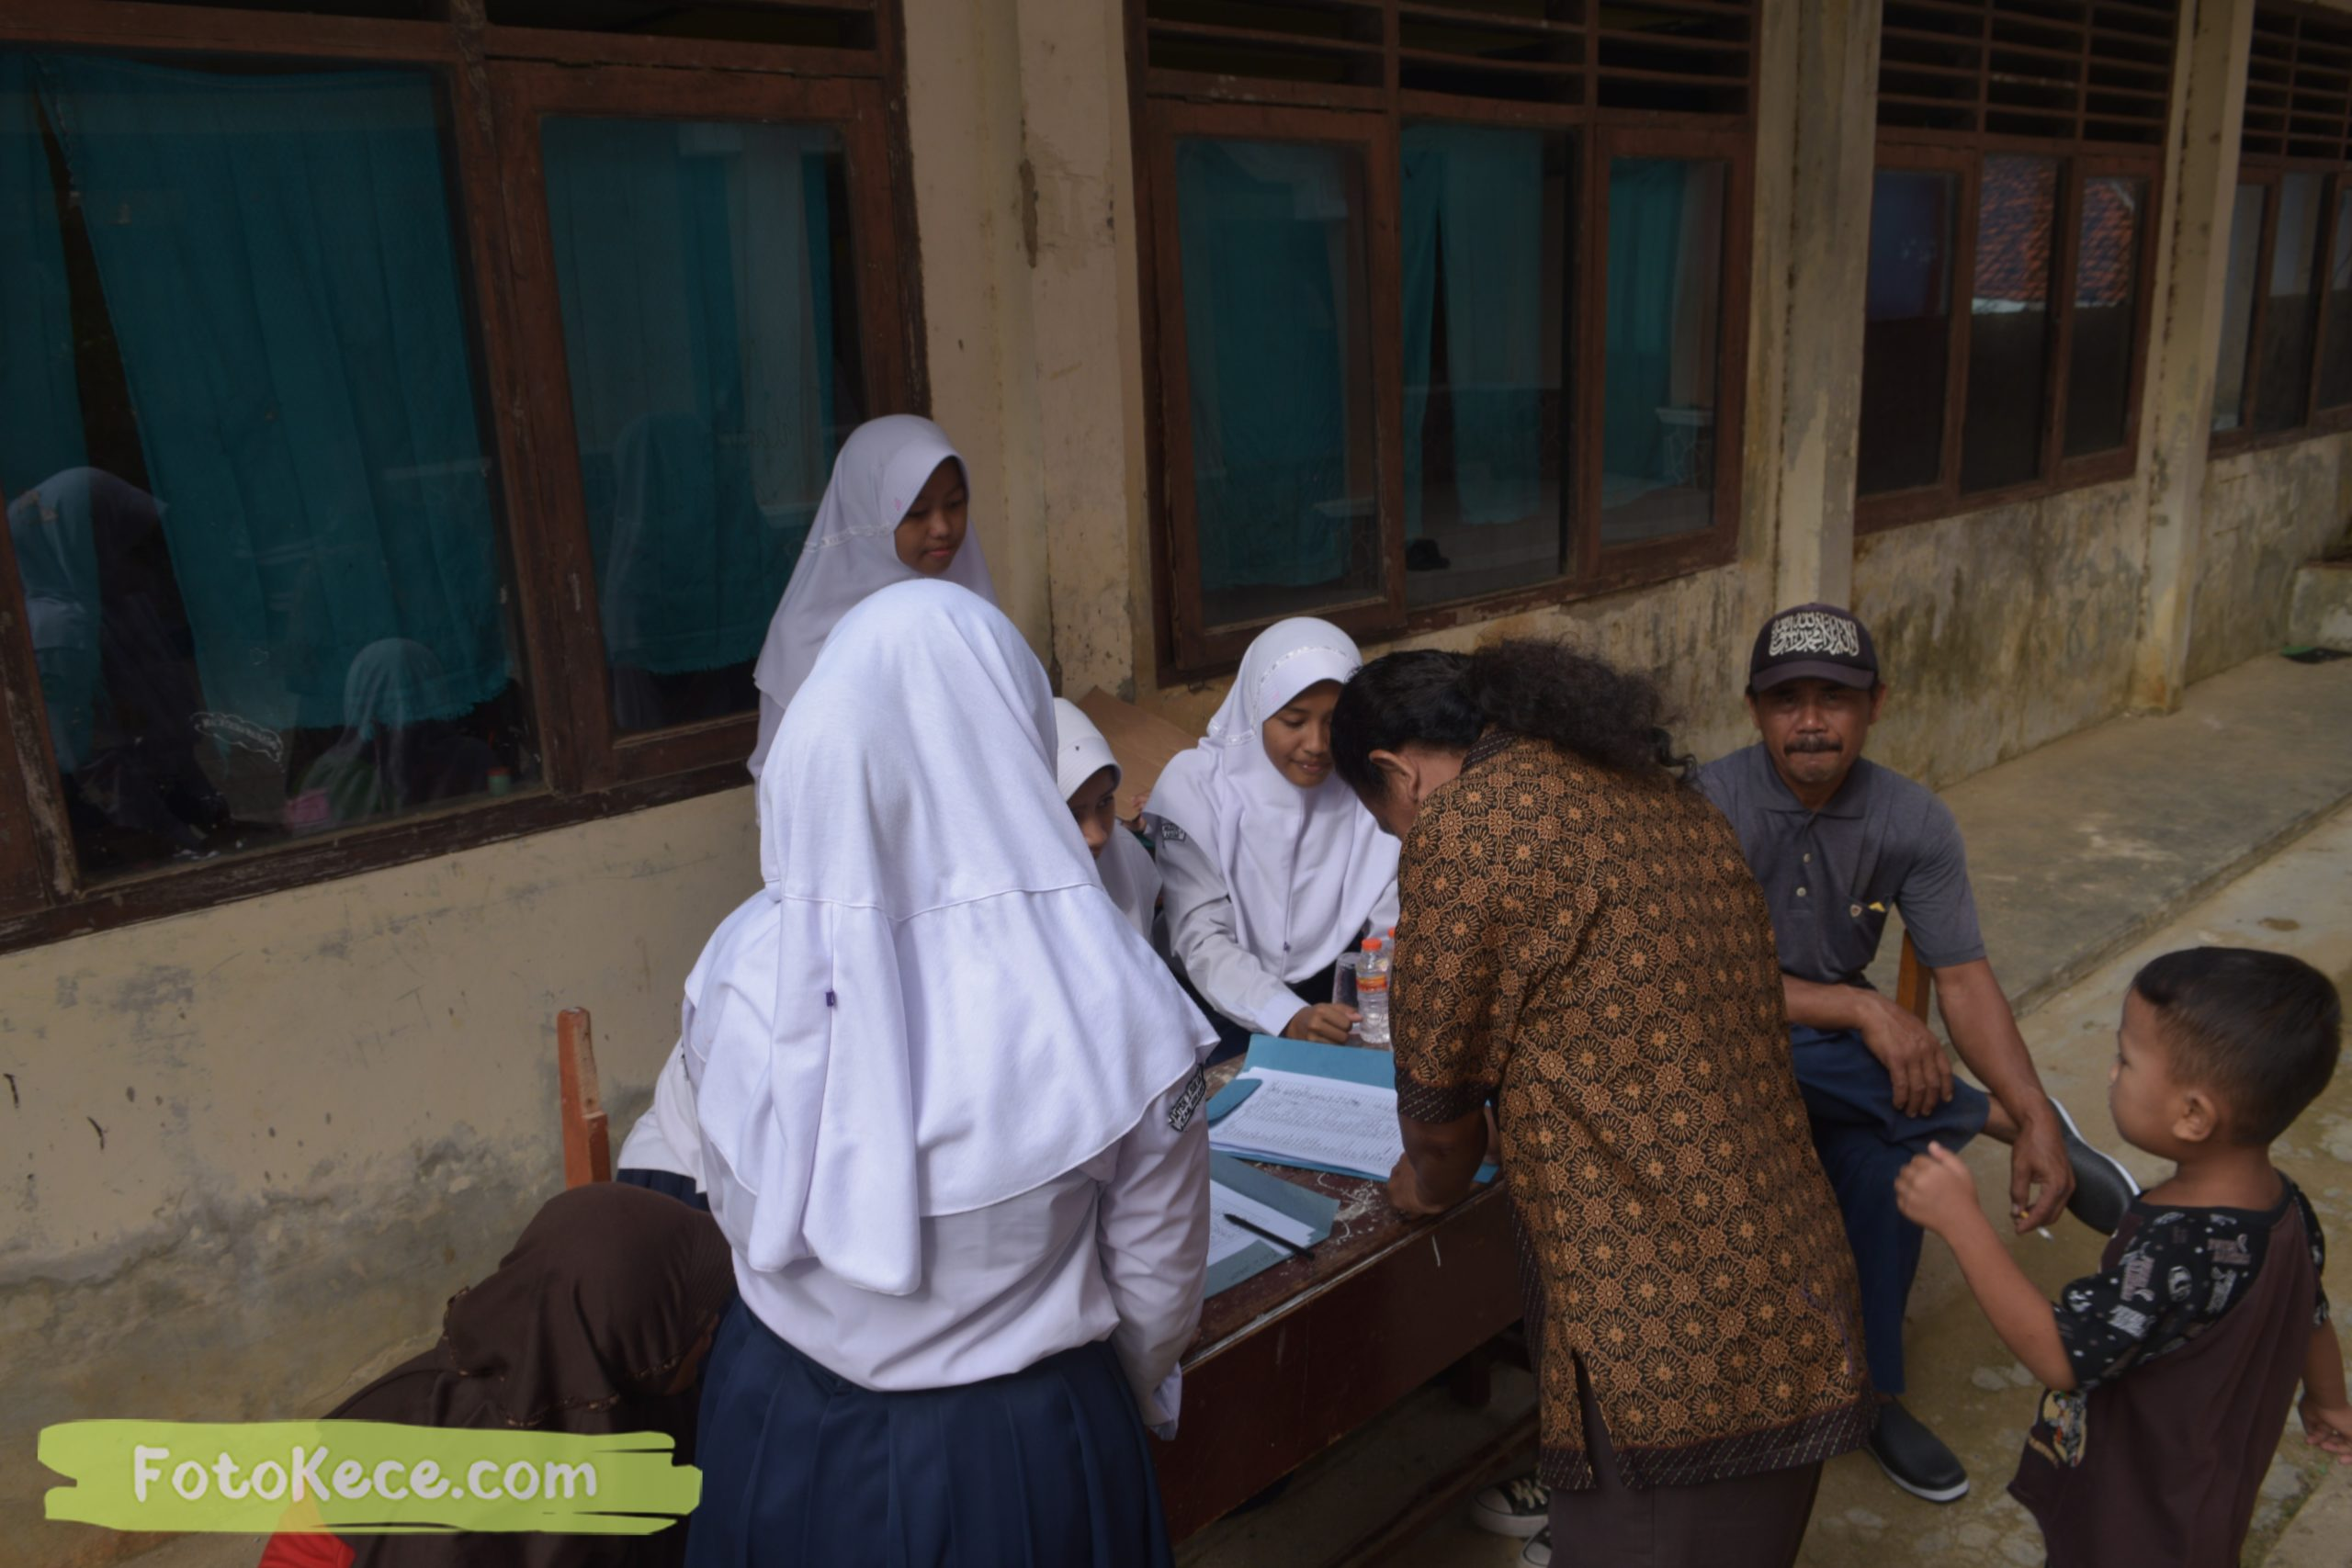 daftar hadir rapat komite ortu siswa kelas 9 mtsn 2 sukabumi 05022020 foto kece poto kece 36 scaled